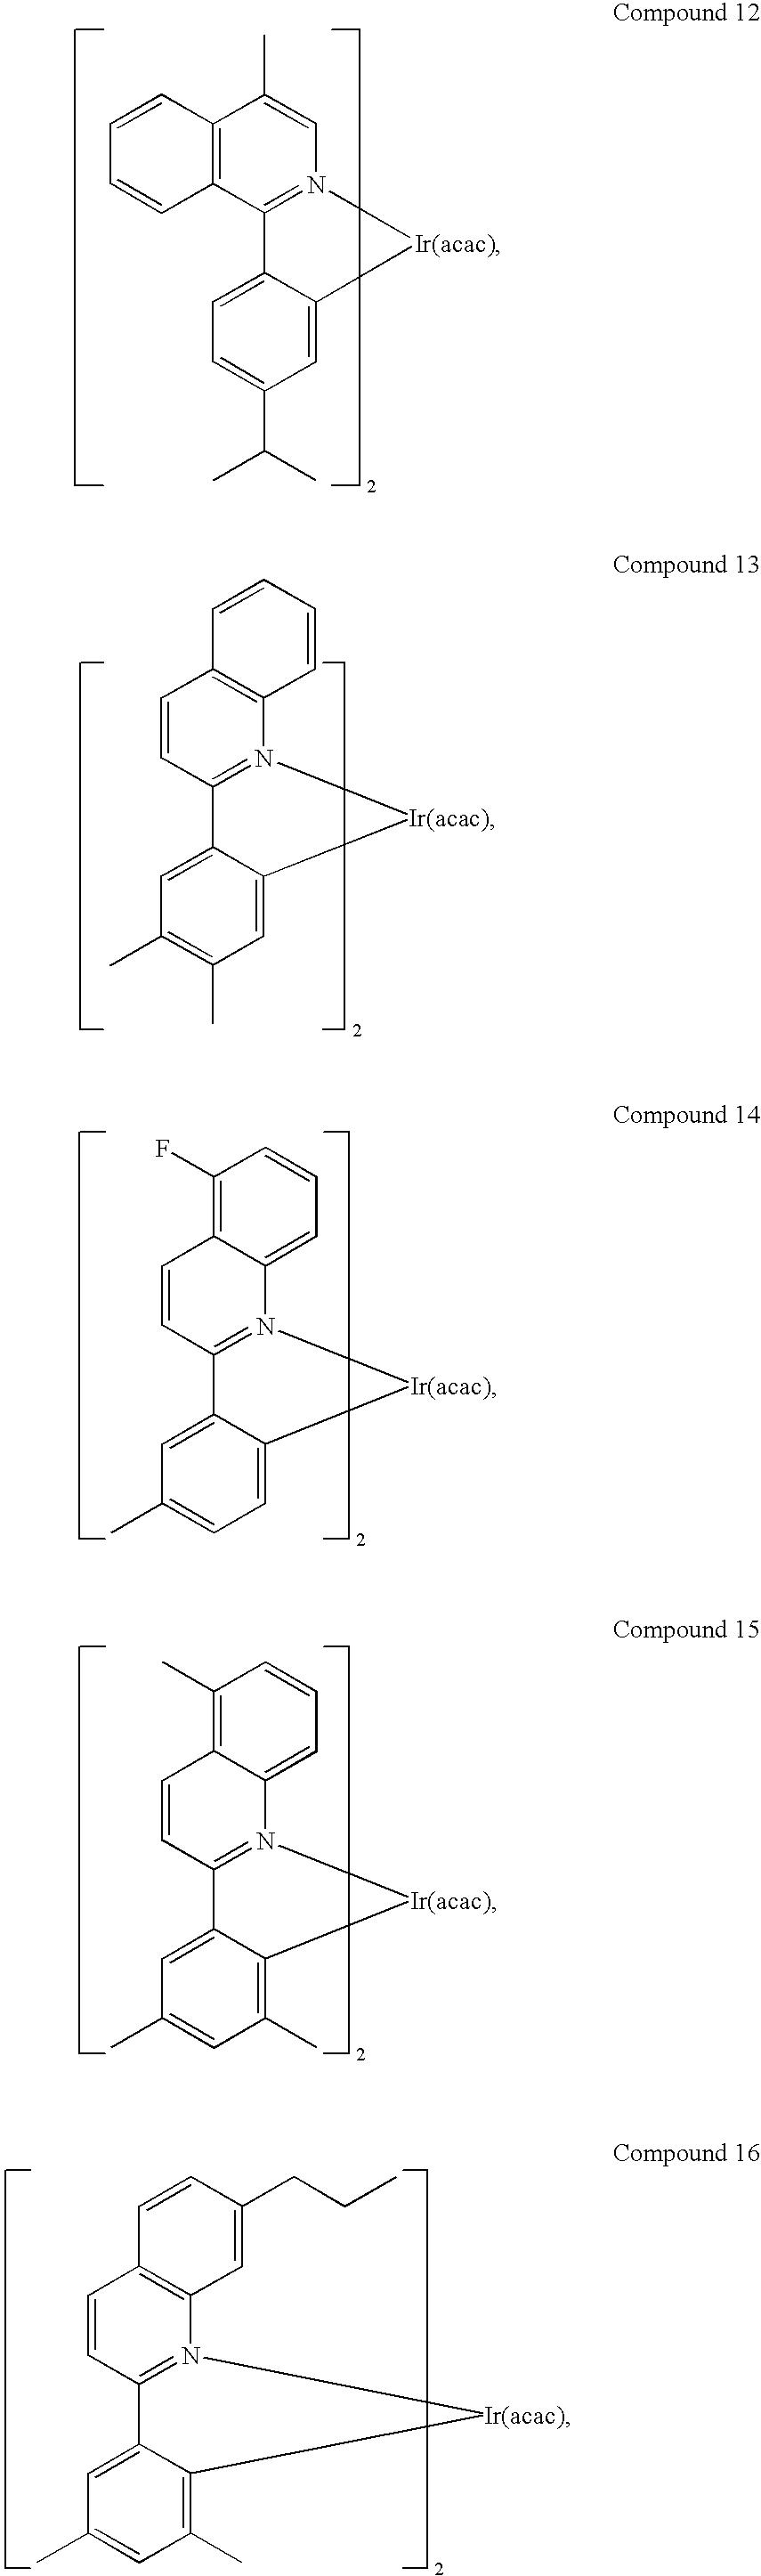 Figure US20080261076A1-20081023-C00122